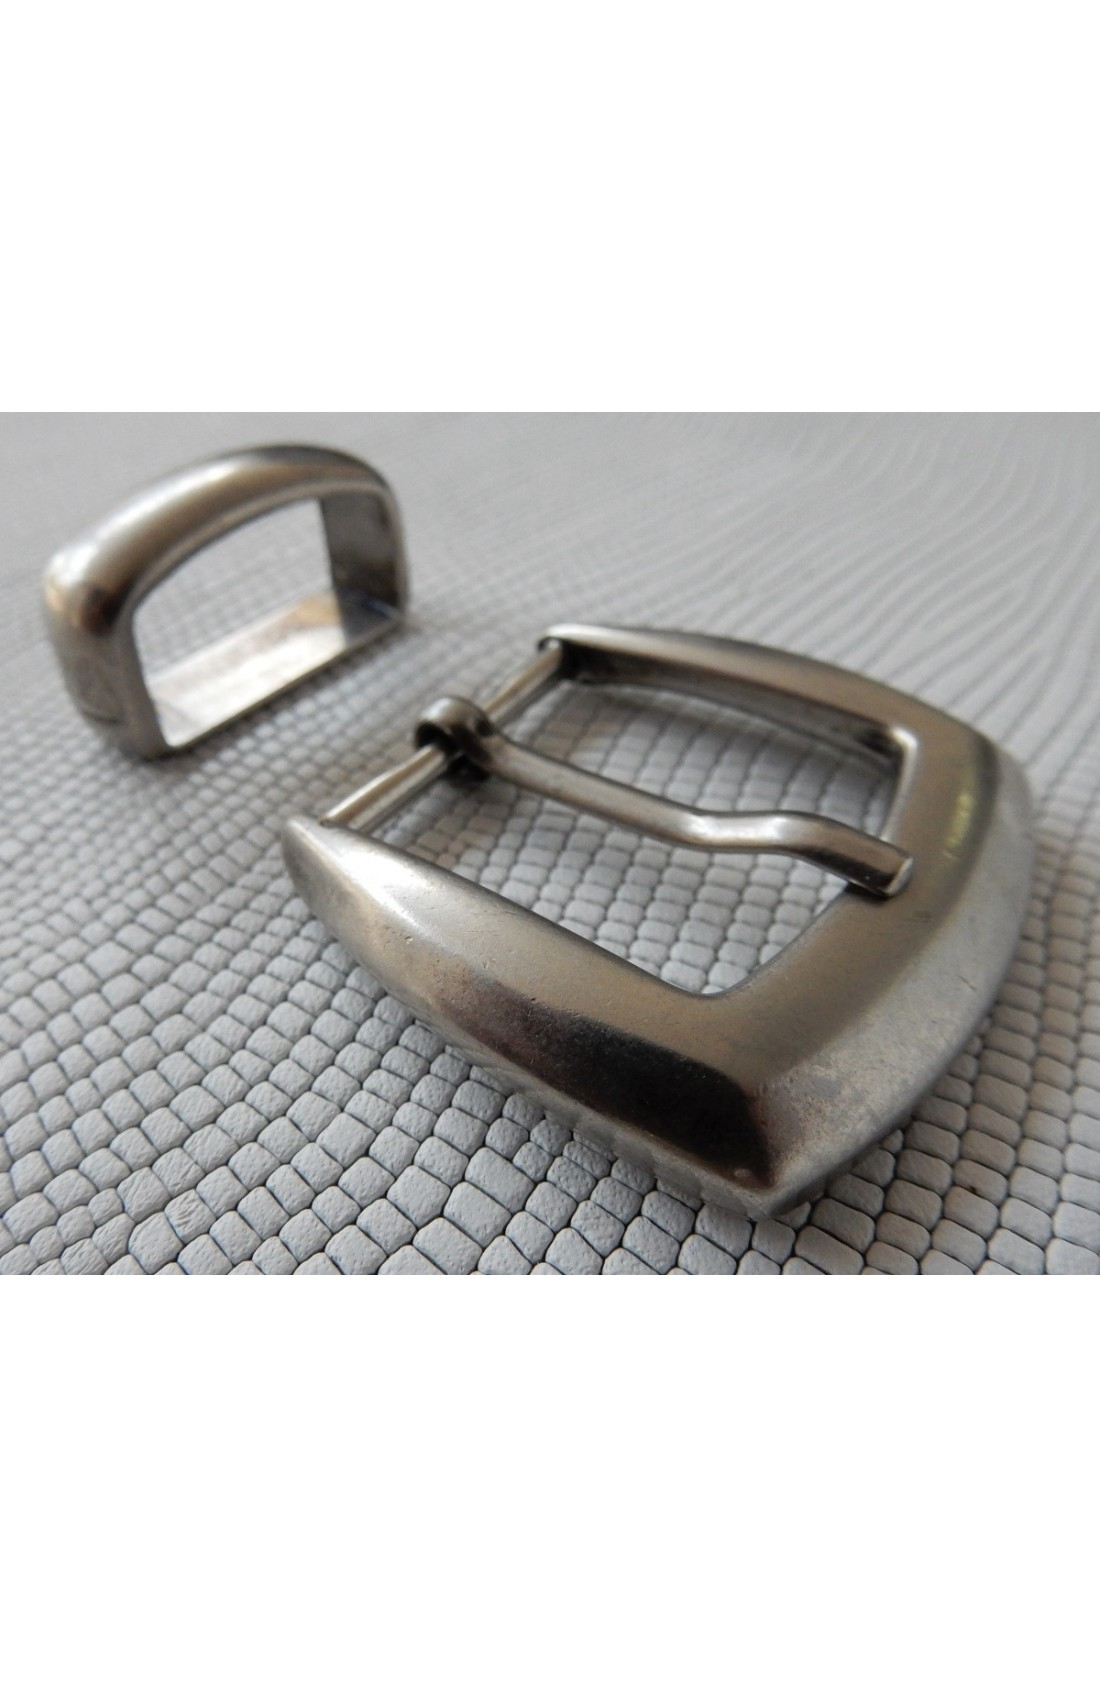 Fibbia Standard + passante L 147 mm.25 argento vecchio lucido (3)